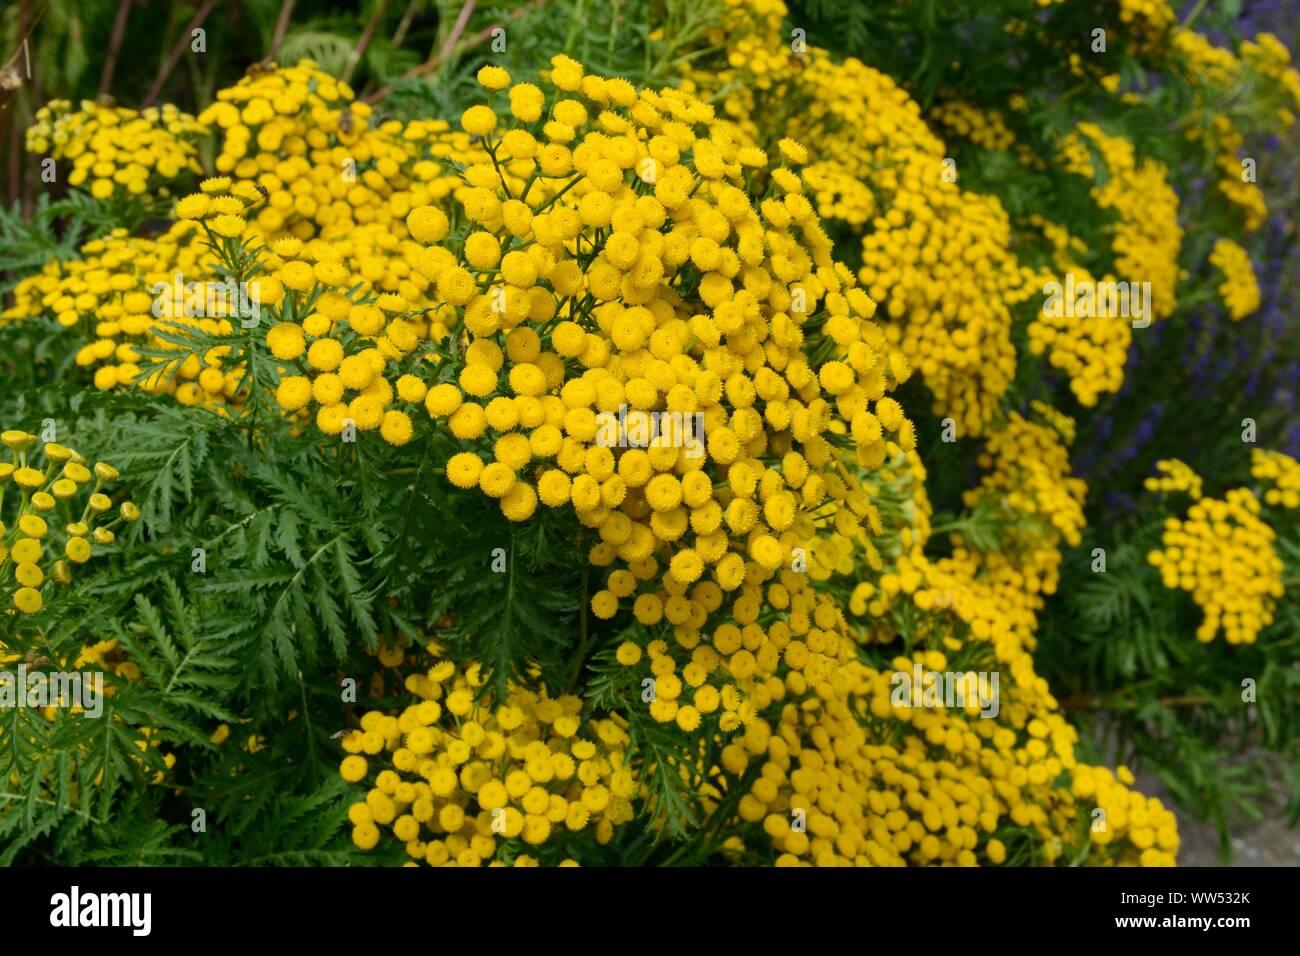 Pianta Simile Al Rosmarino pianta simile all'erba immagini & pianta simile all'erba